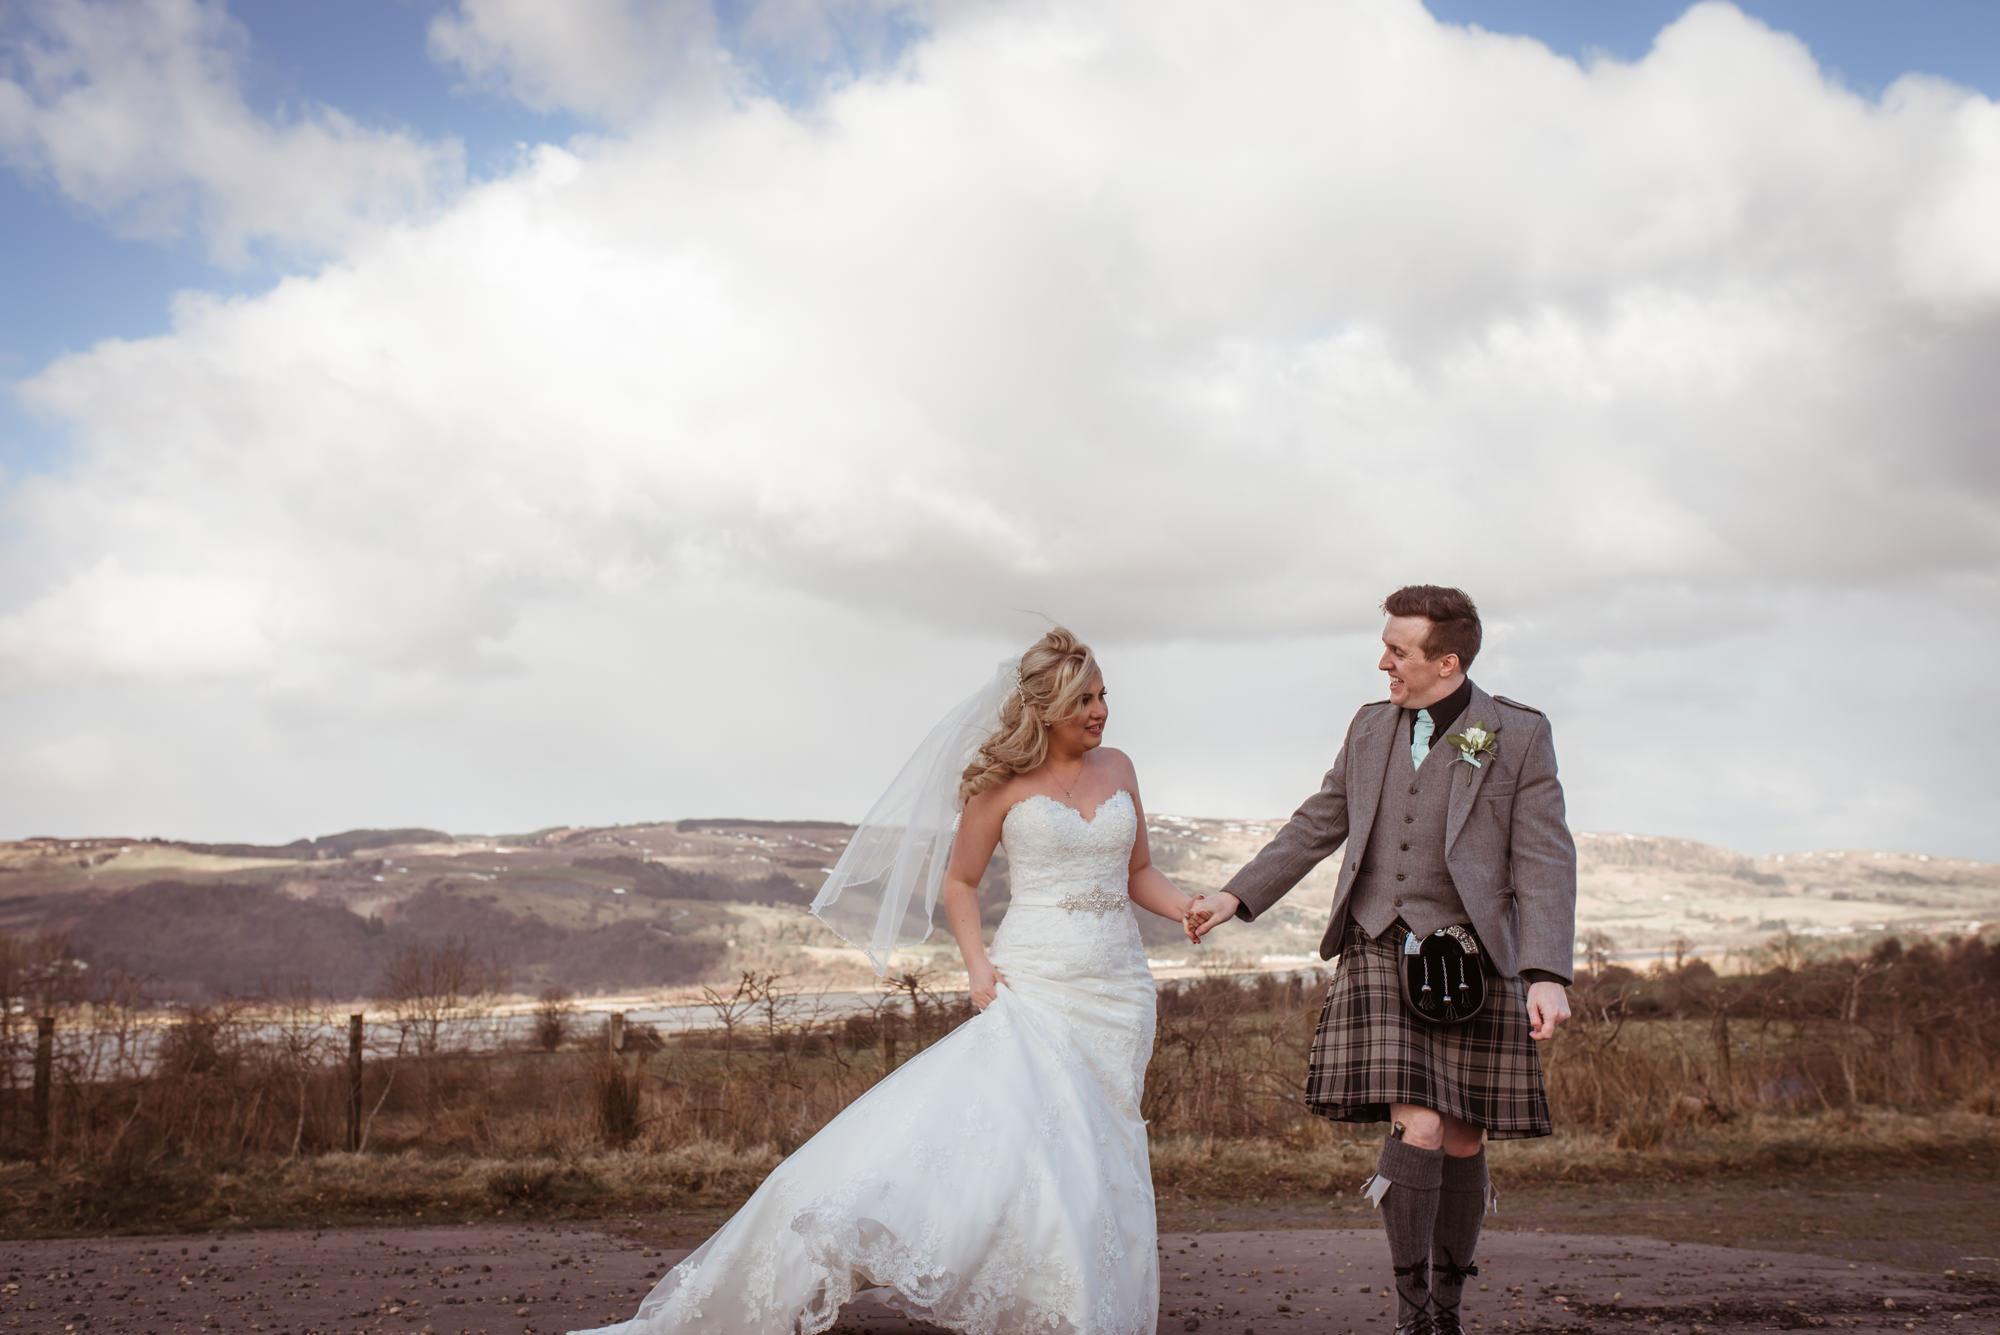 glasgow-wedding-venues.jpg